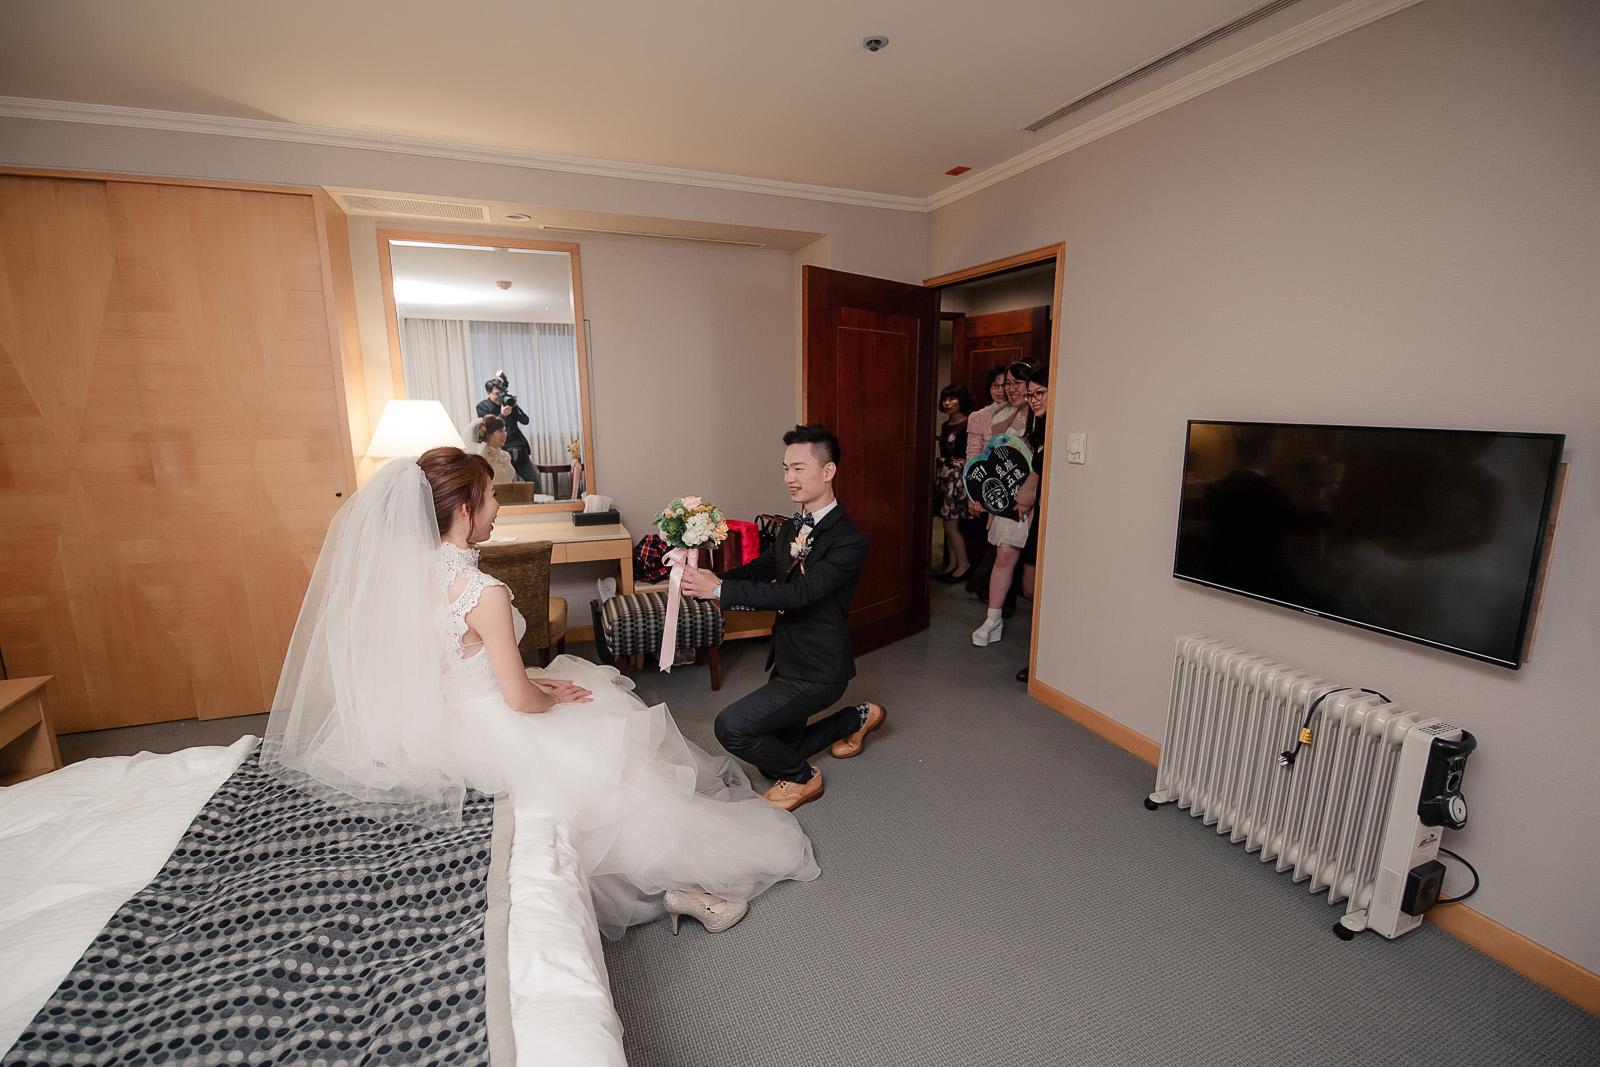 高雄圓山飯店,婚禮攝影,婚攝,高雄婚攝,優質婚攝推薦,Jen&Ethan-129